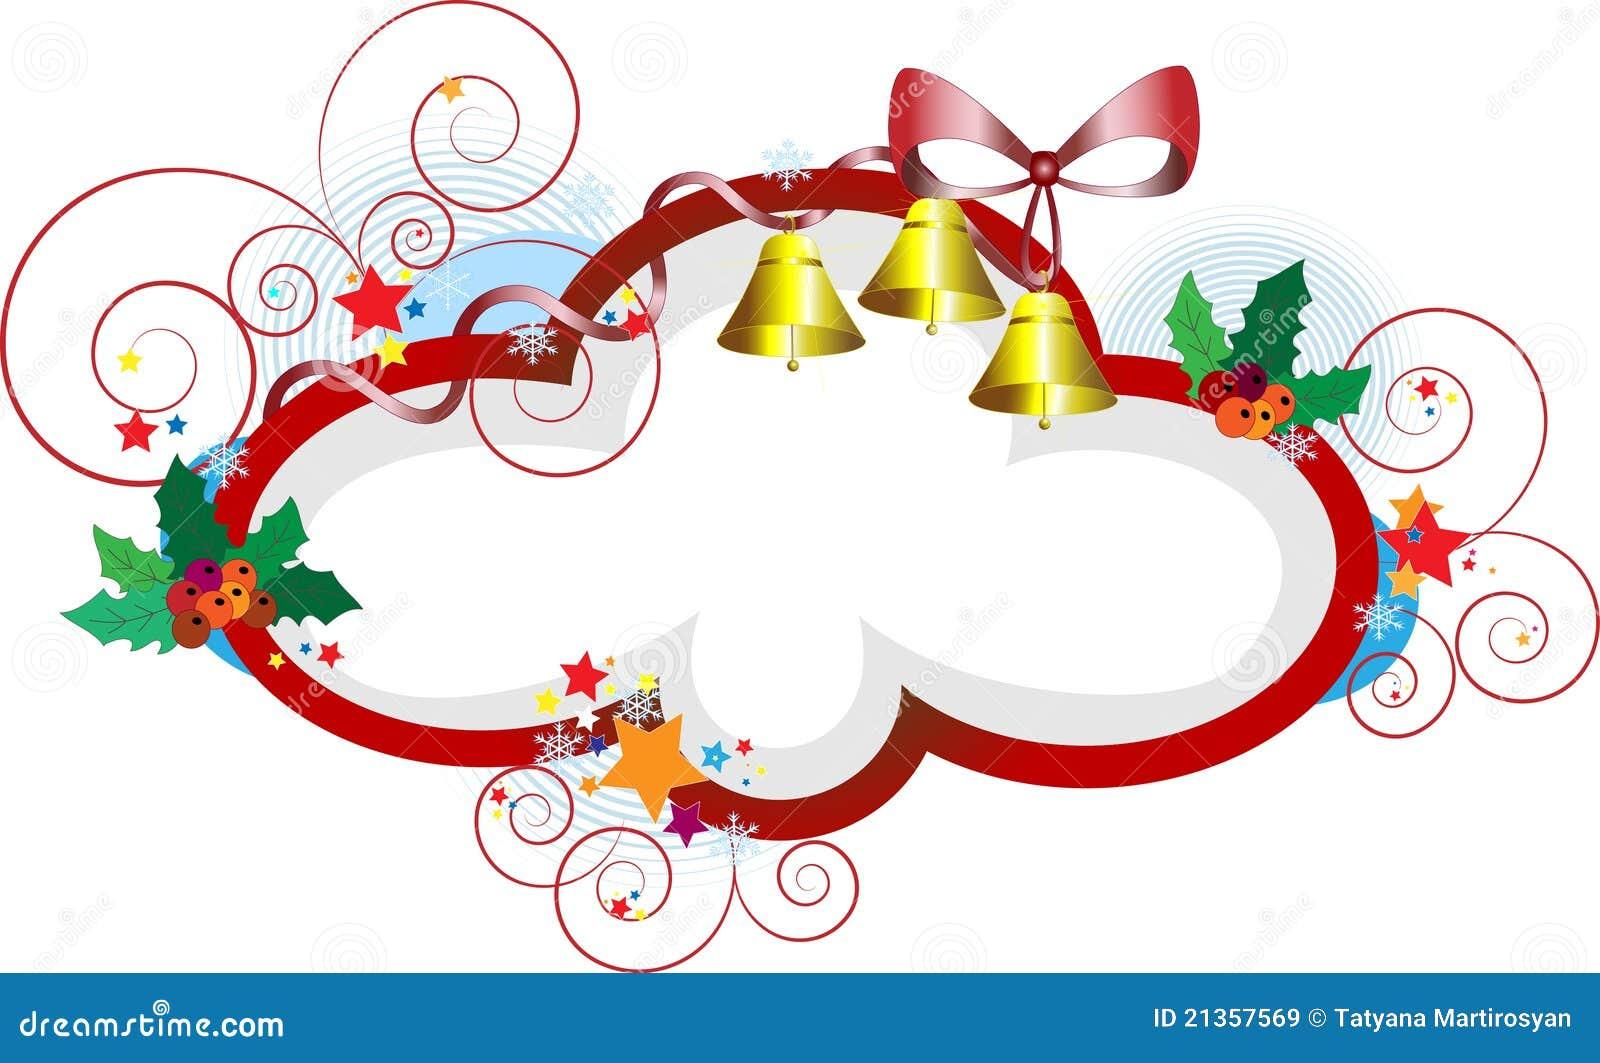 Imagenes de navidad para tarjetas de regalo